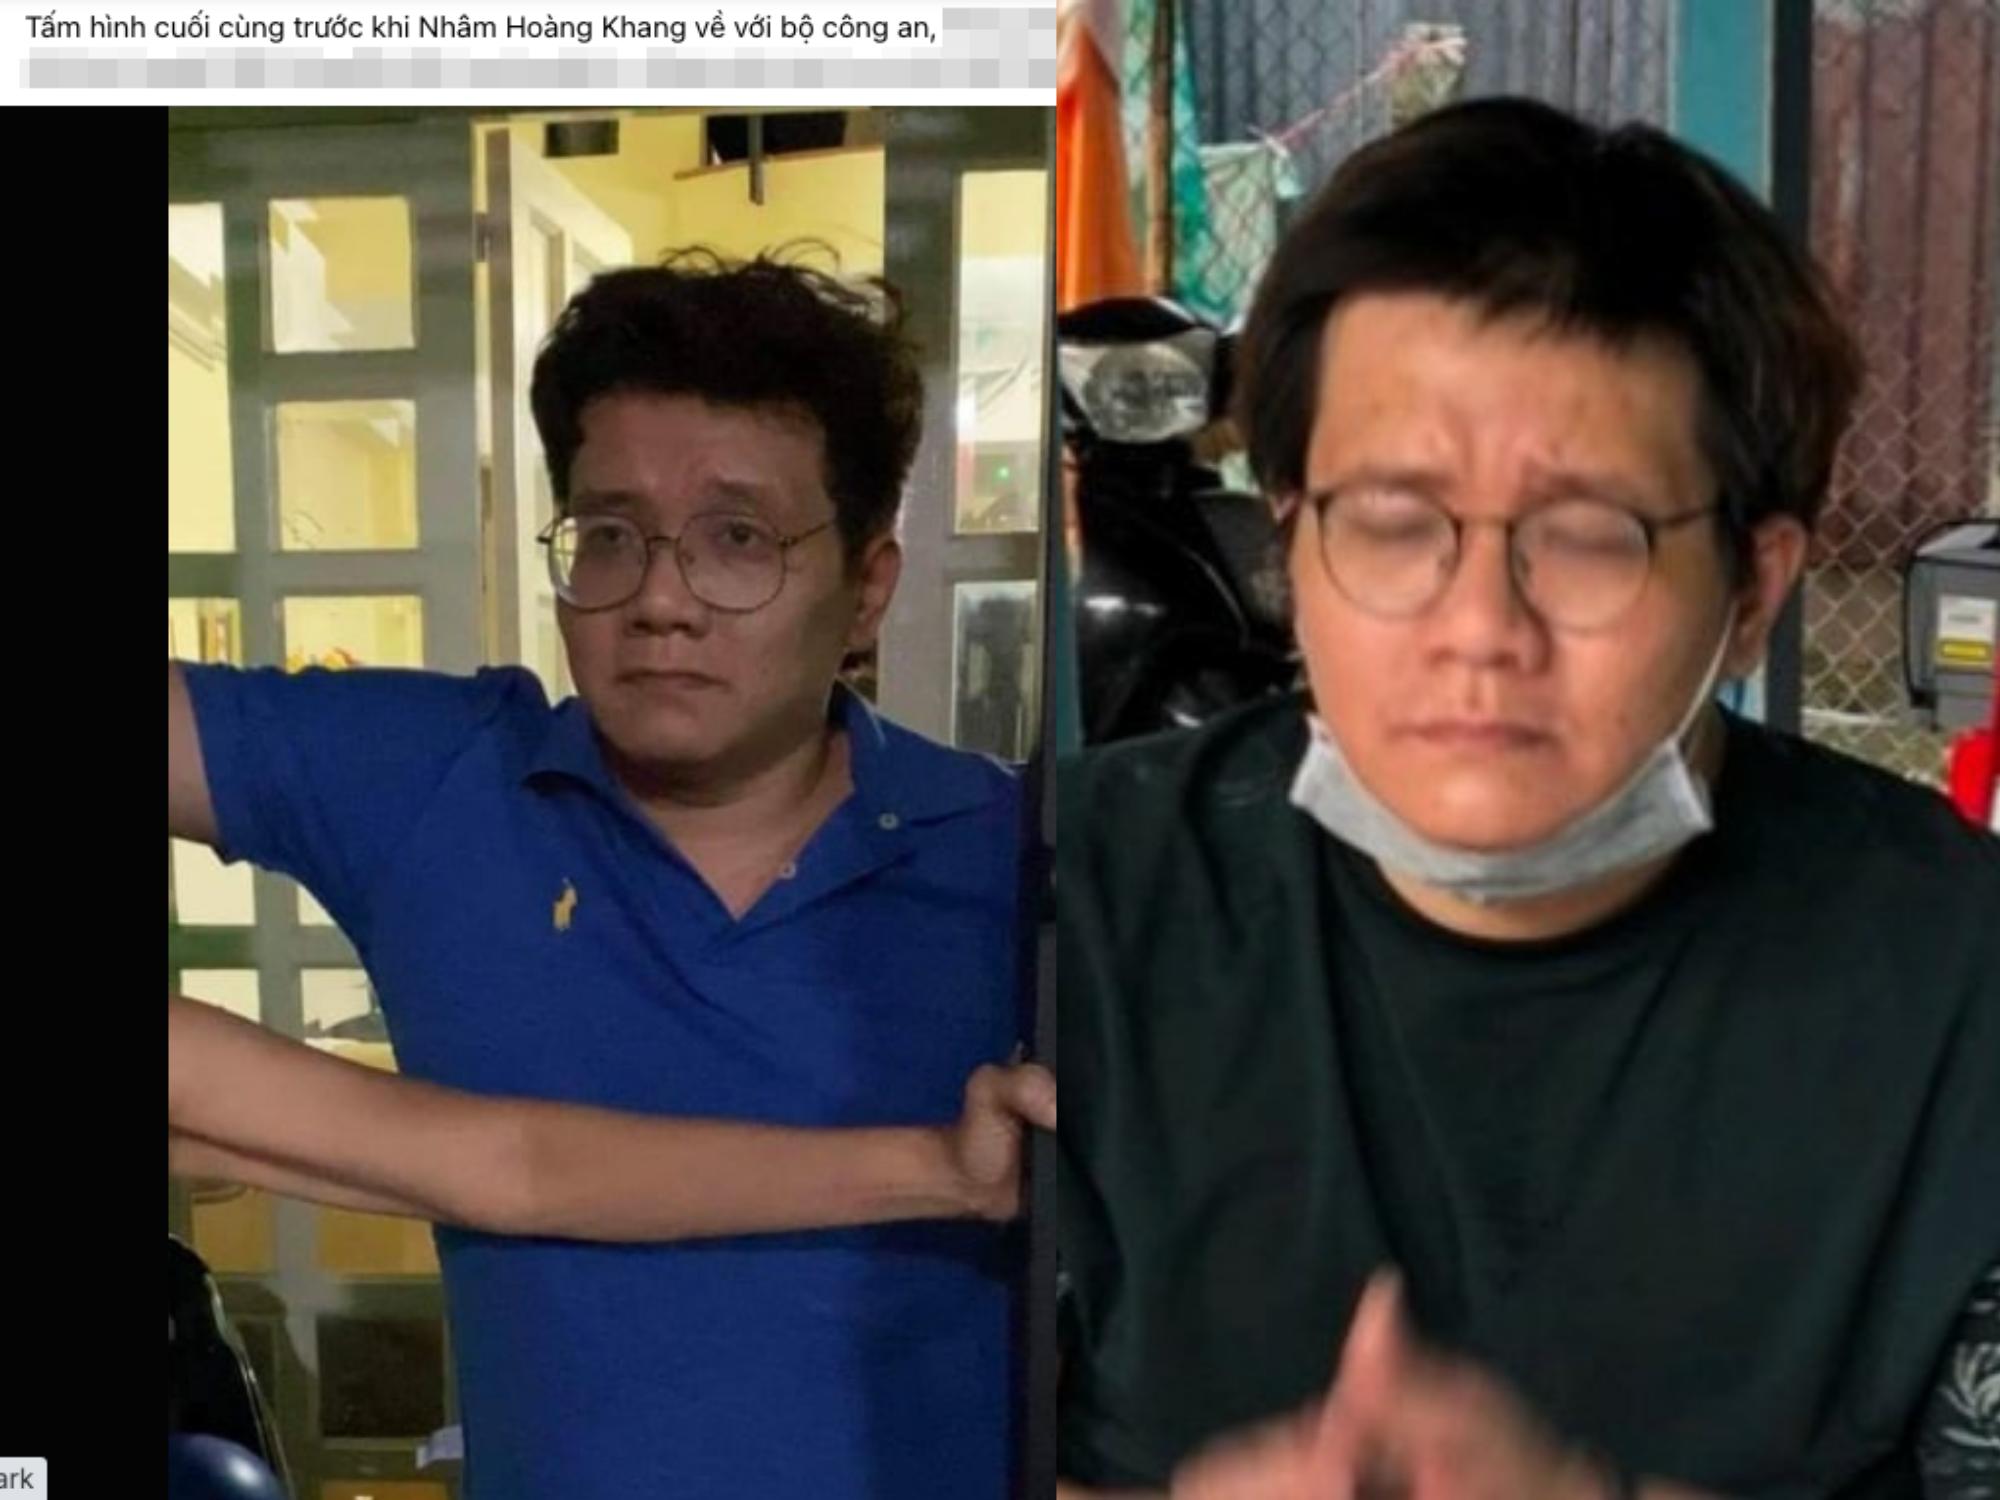 Rầm rộ MXH hình ảnh Nhâm Hoàng Khang thất thần, lộ rõ vẻ tiều tuỵ trước khi bị bắt?